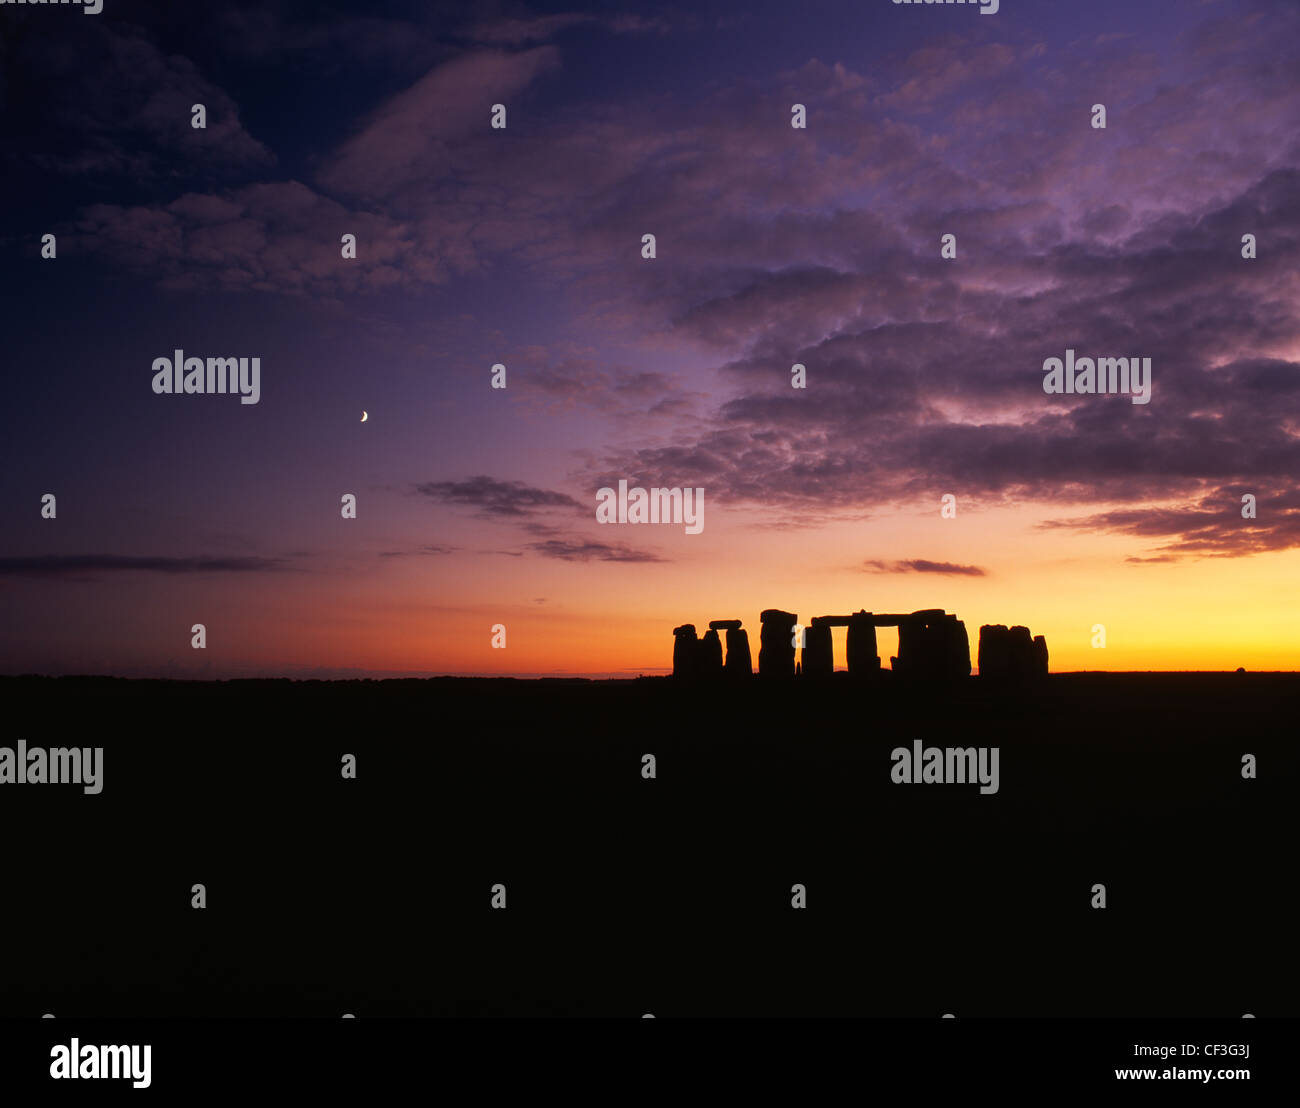 Eine weite Landschaft Blick auf die Stonehenge Trilithons Silhouette nach Sonnenuntergang und Mondaufgang. Stockbild